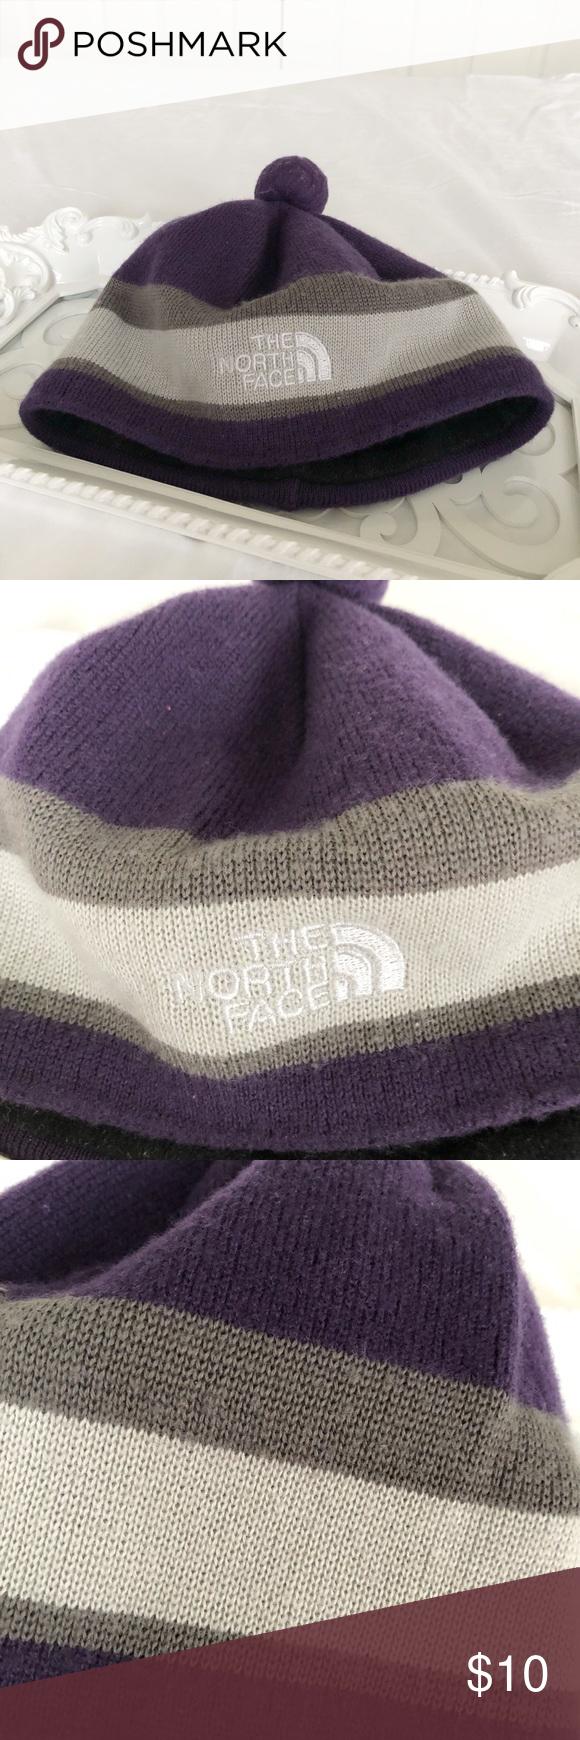 c2772f22b85 Kids  The North Face Purple Grey Beanie A cute beanie